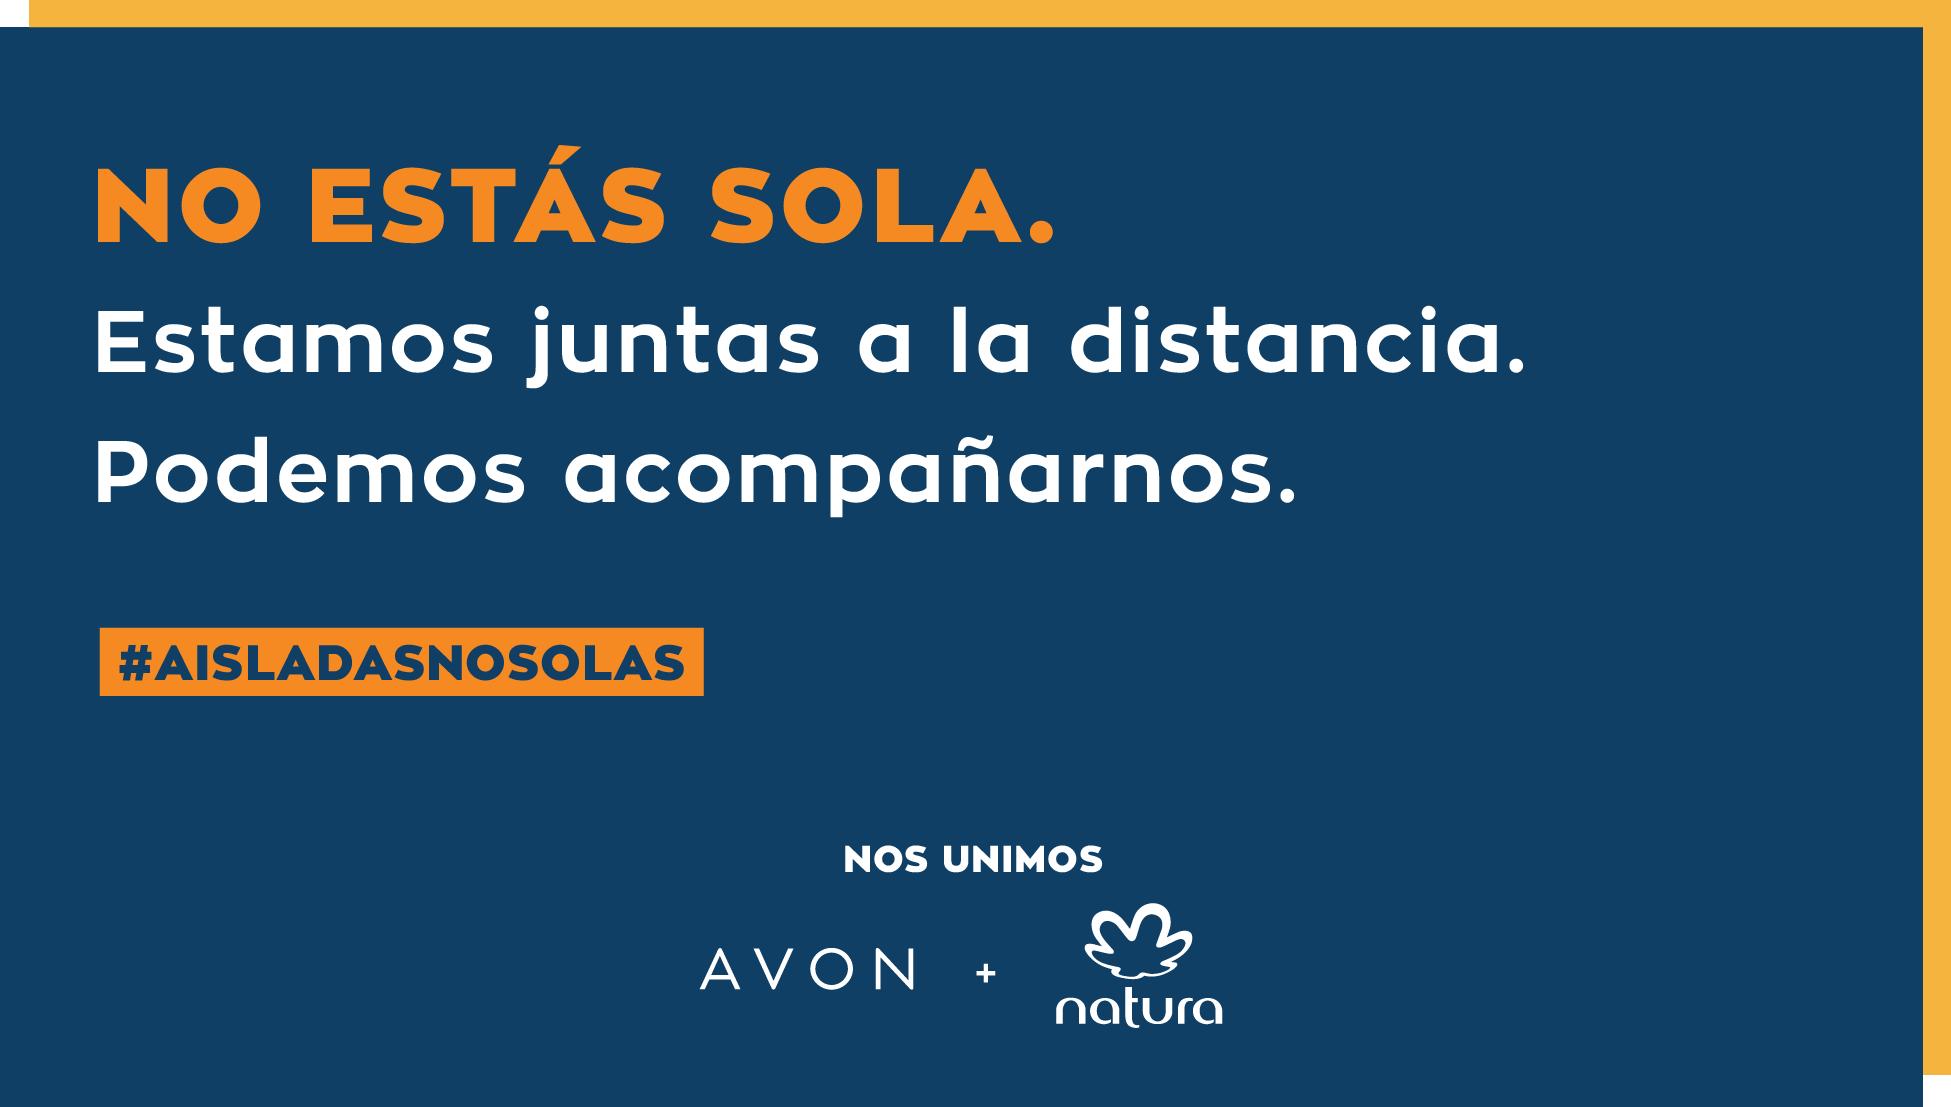 Avon y Natura se unen para lanzar la campaña #AisladasNoSolas